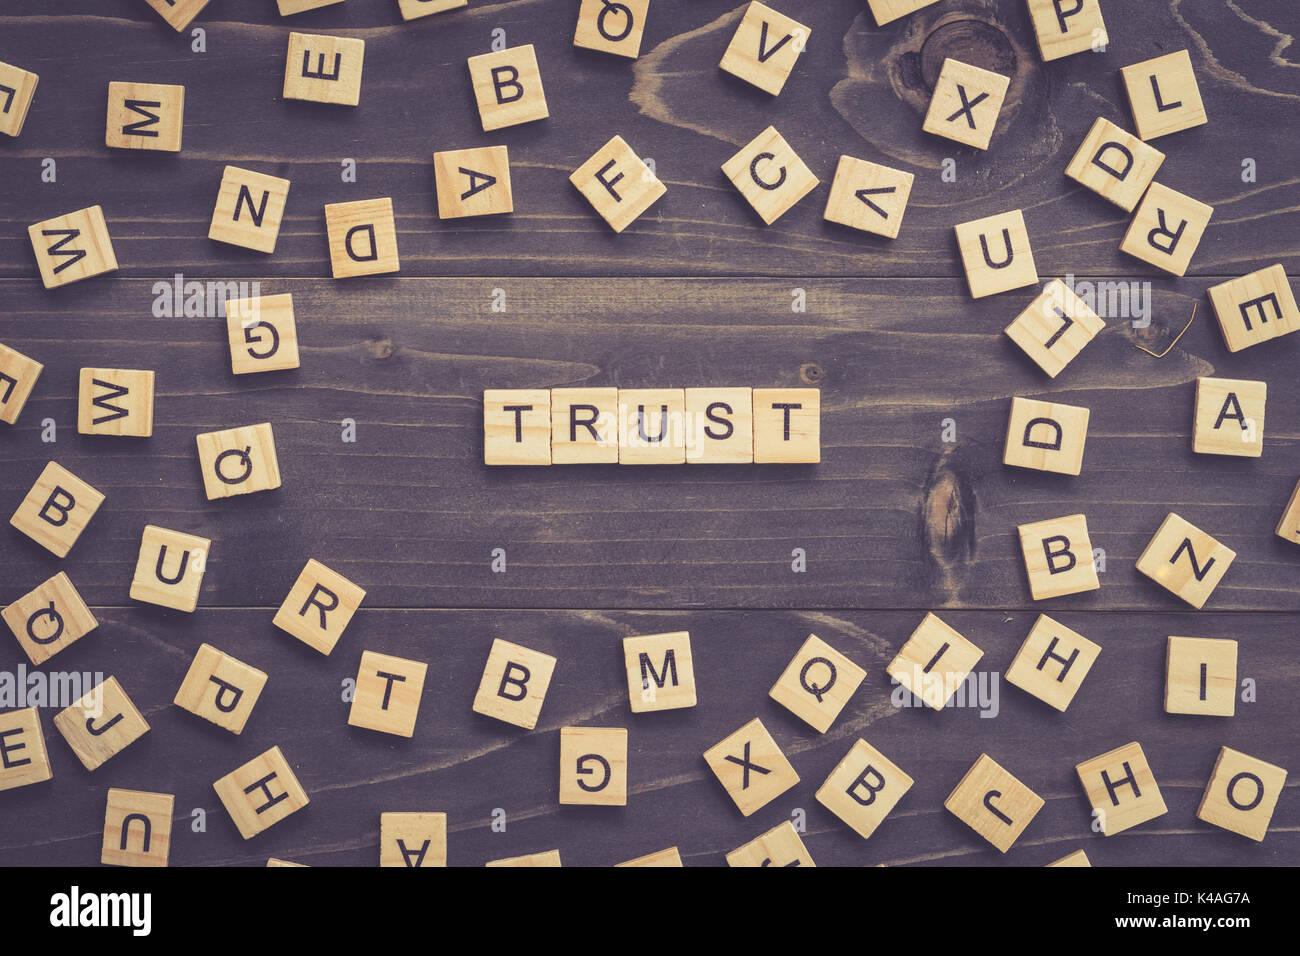 Palabra de confianza el bloque de madera en la mesa para el concepto de negocio. Imagen De Stock